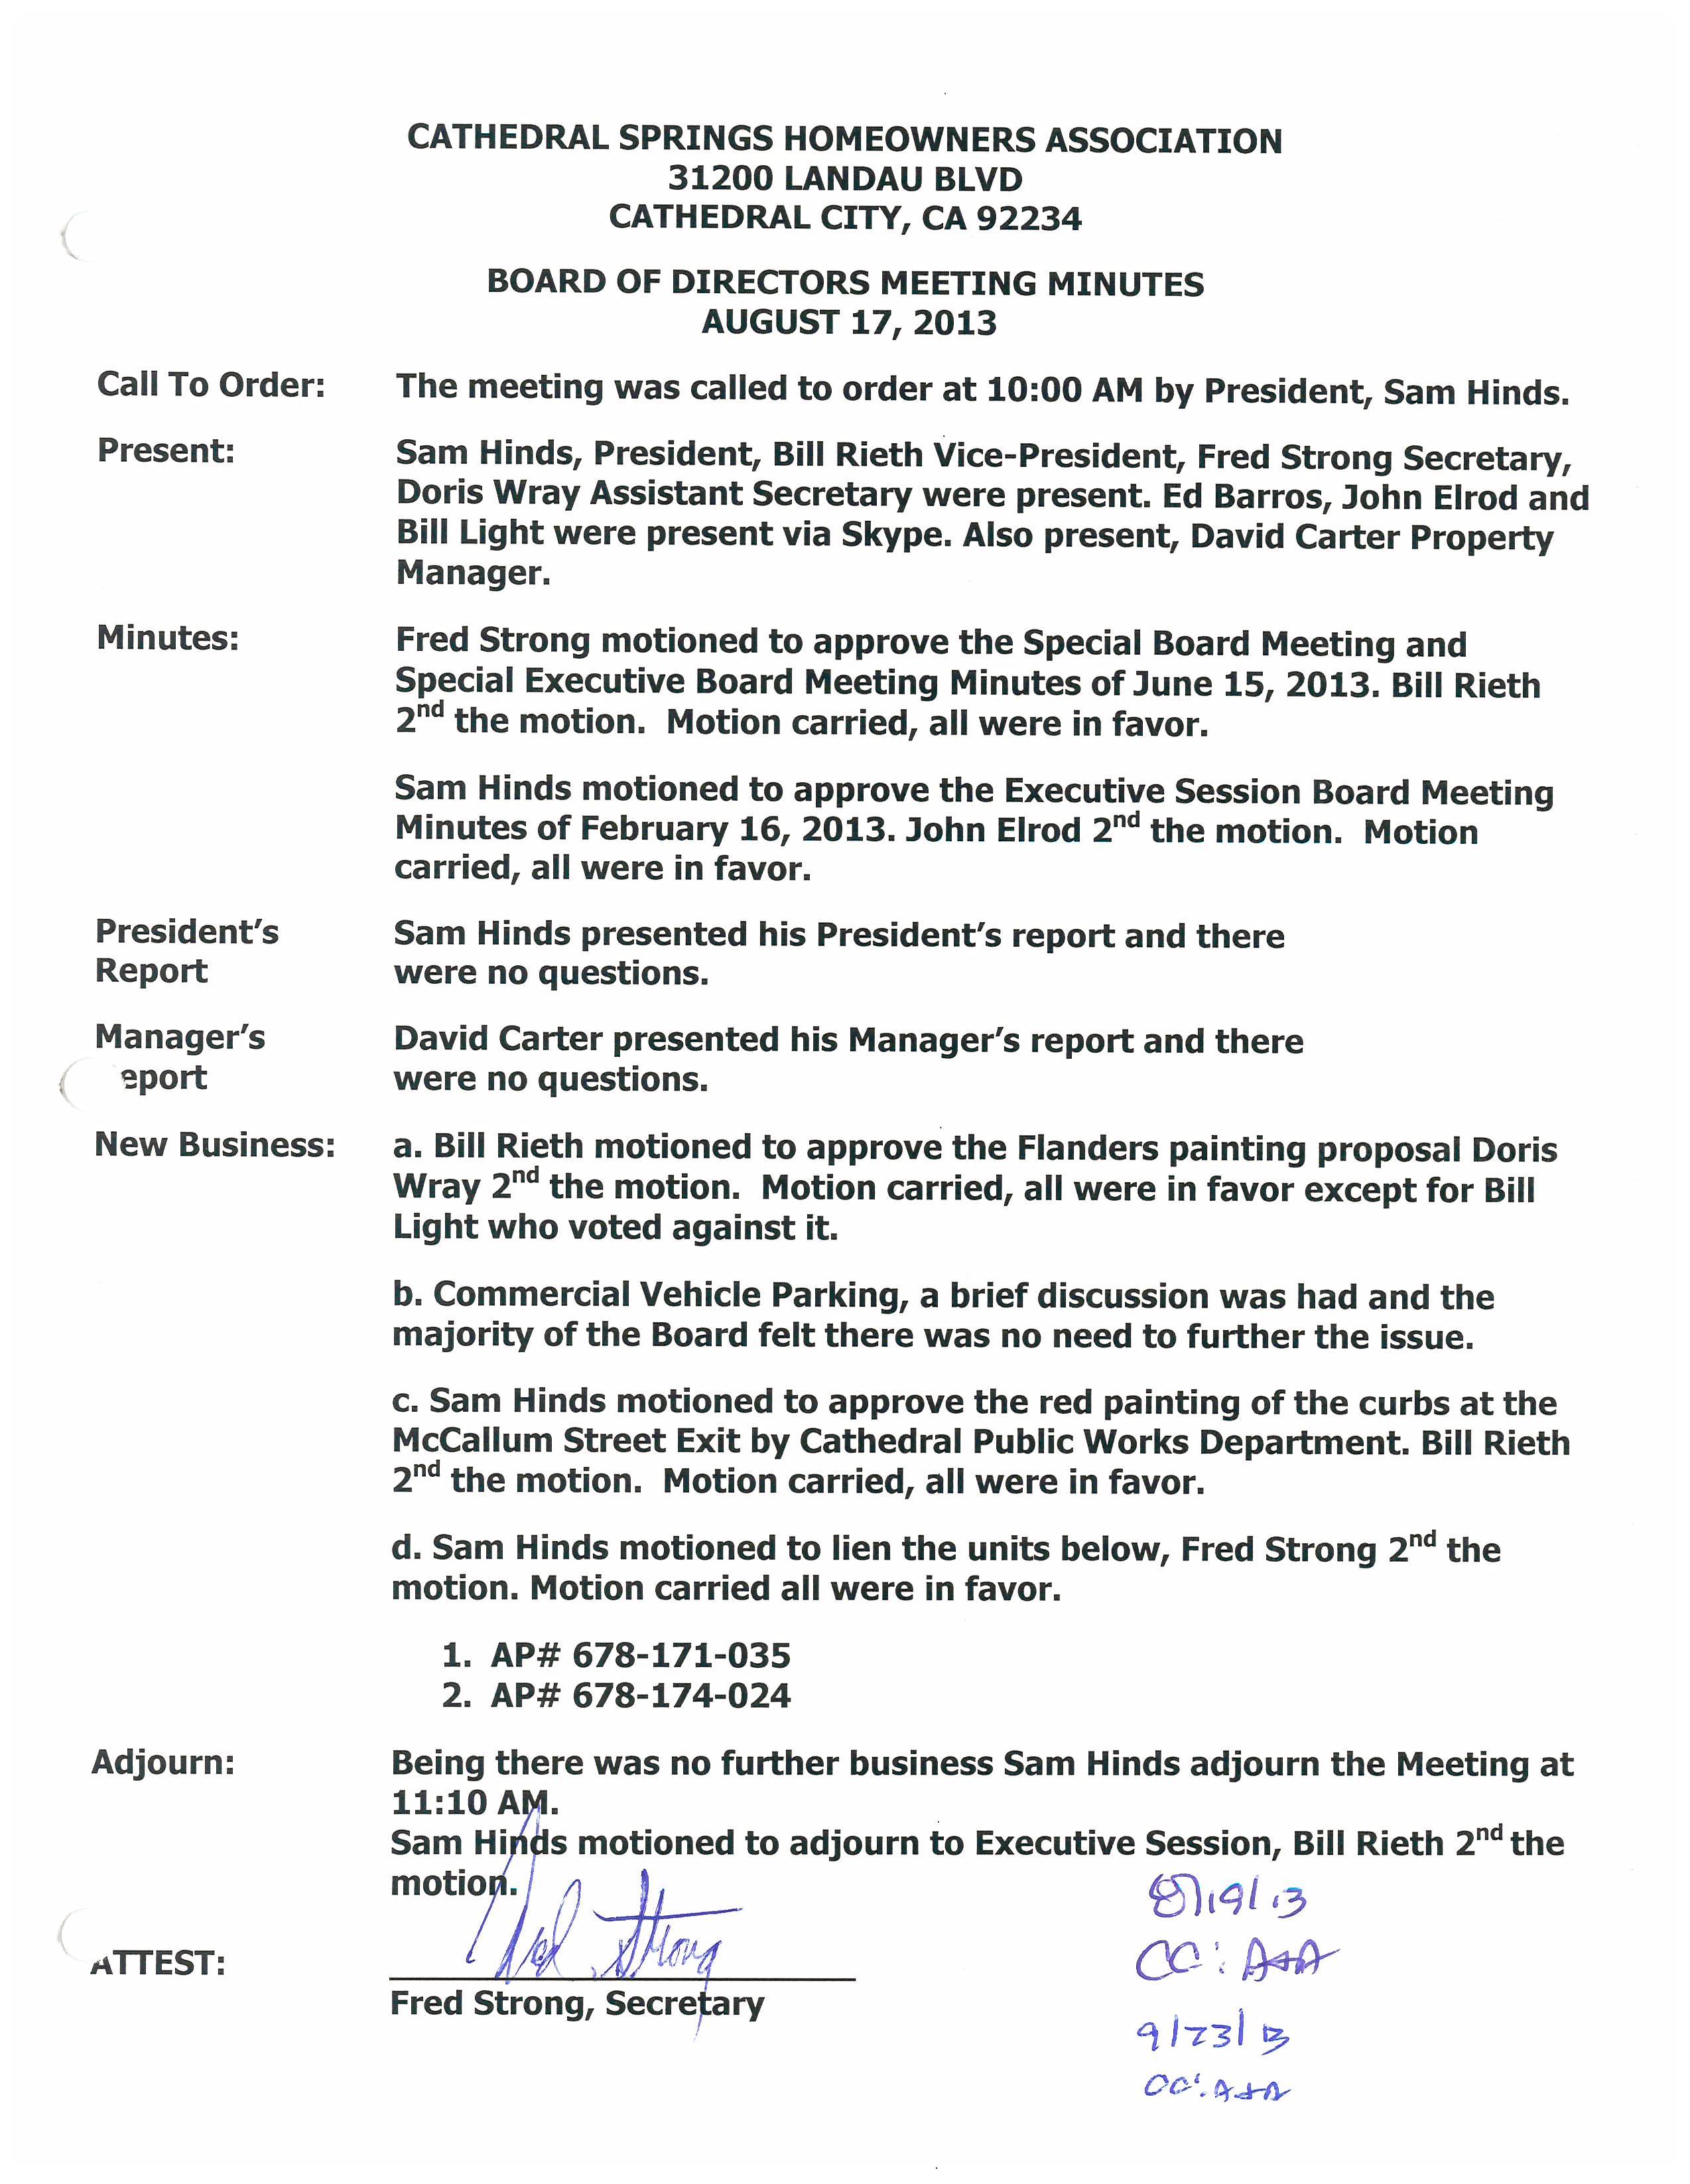 Hoa board of directors meeting minutes